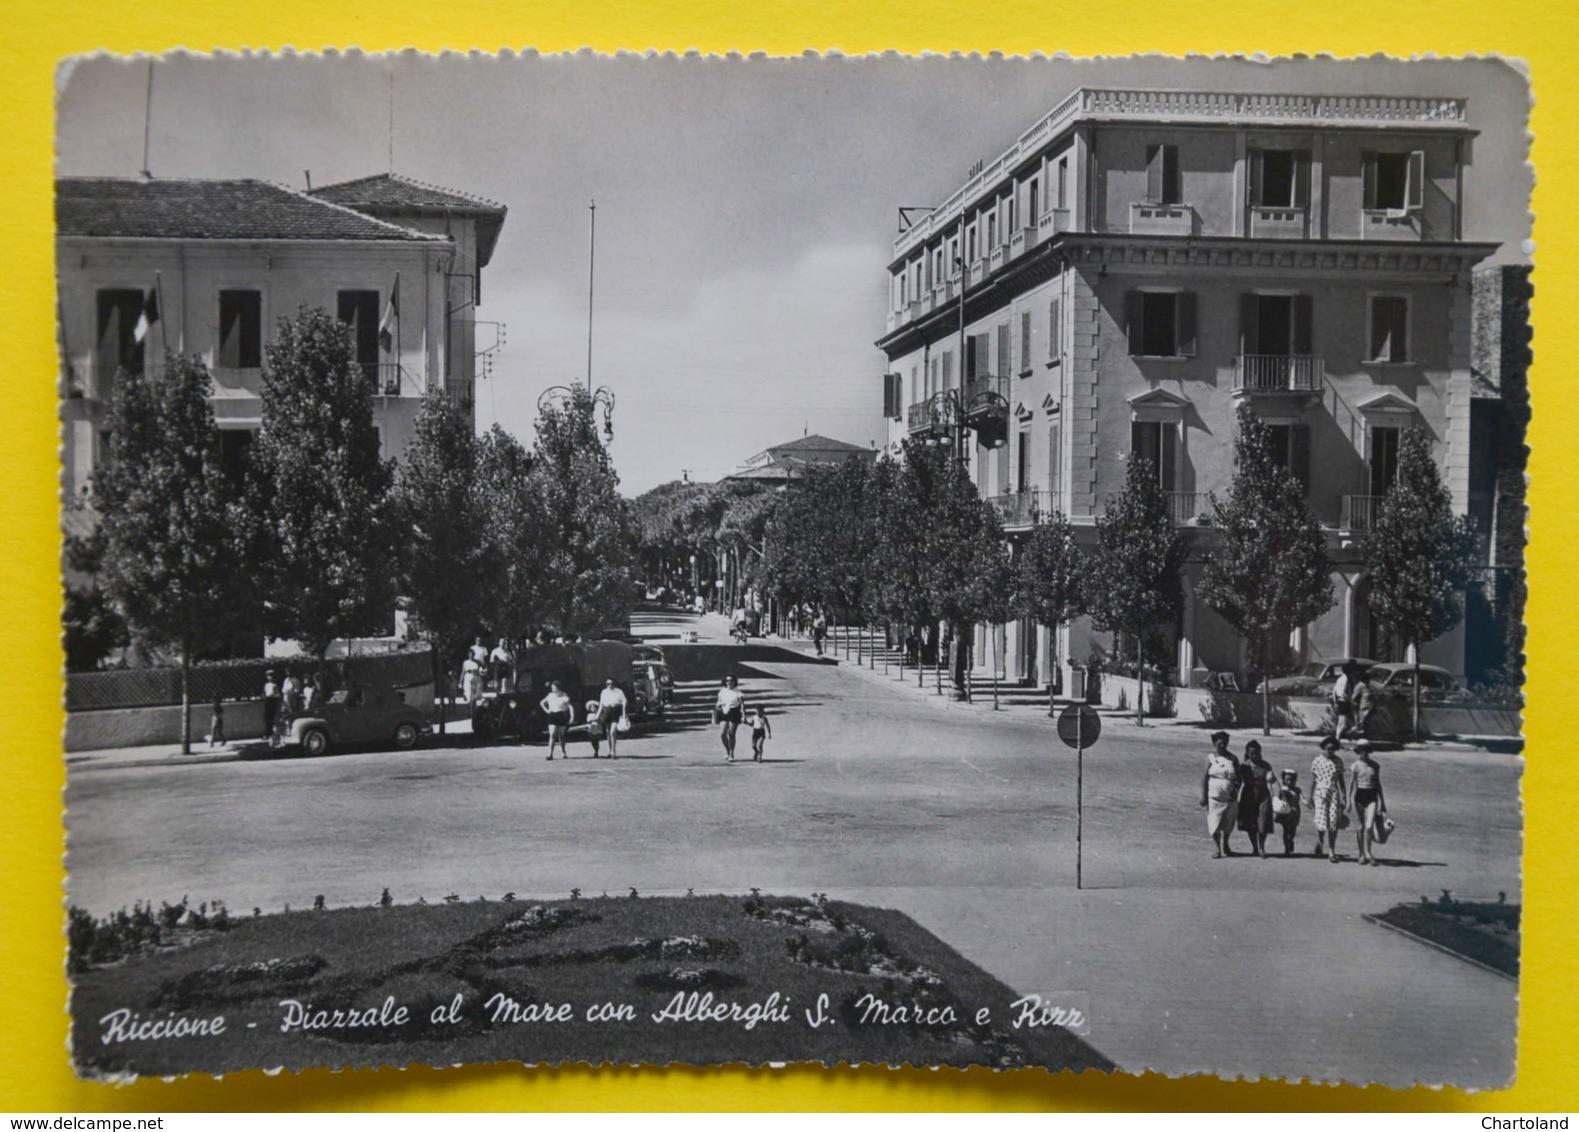 Cartolina Riccione Piazzale Al Mare Con Alberghi S. Marco E Rizz 1960 - Rimini